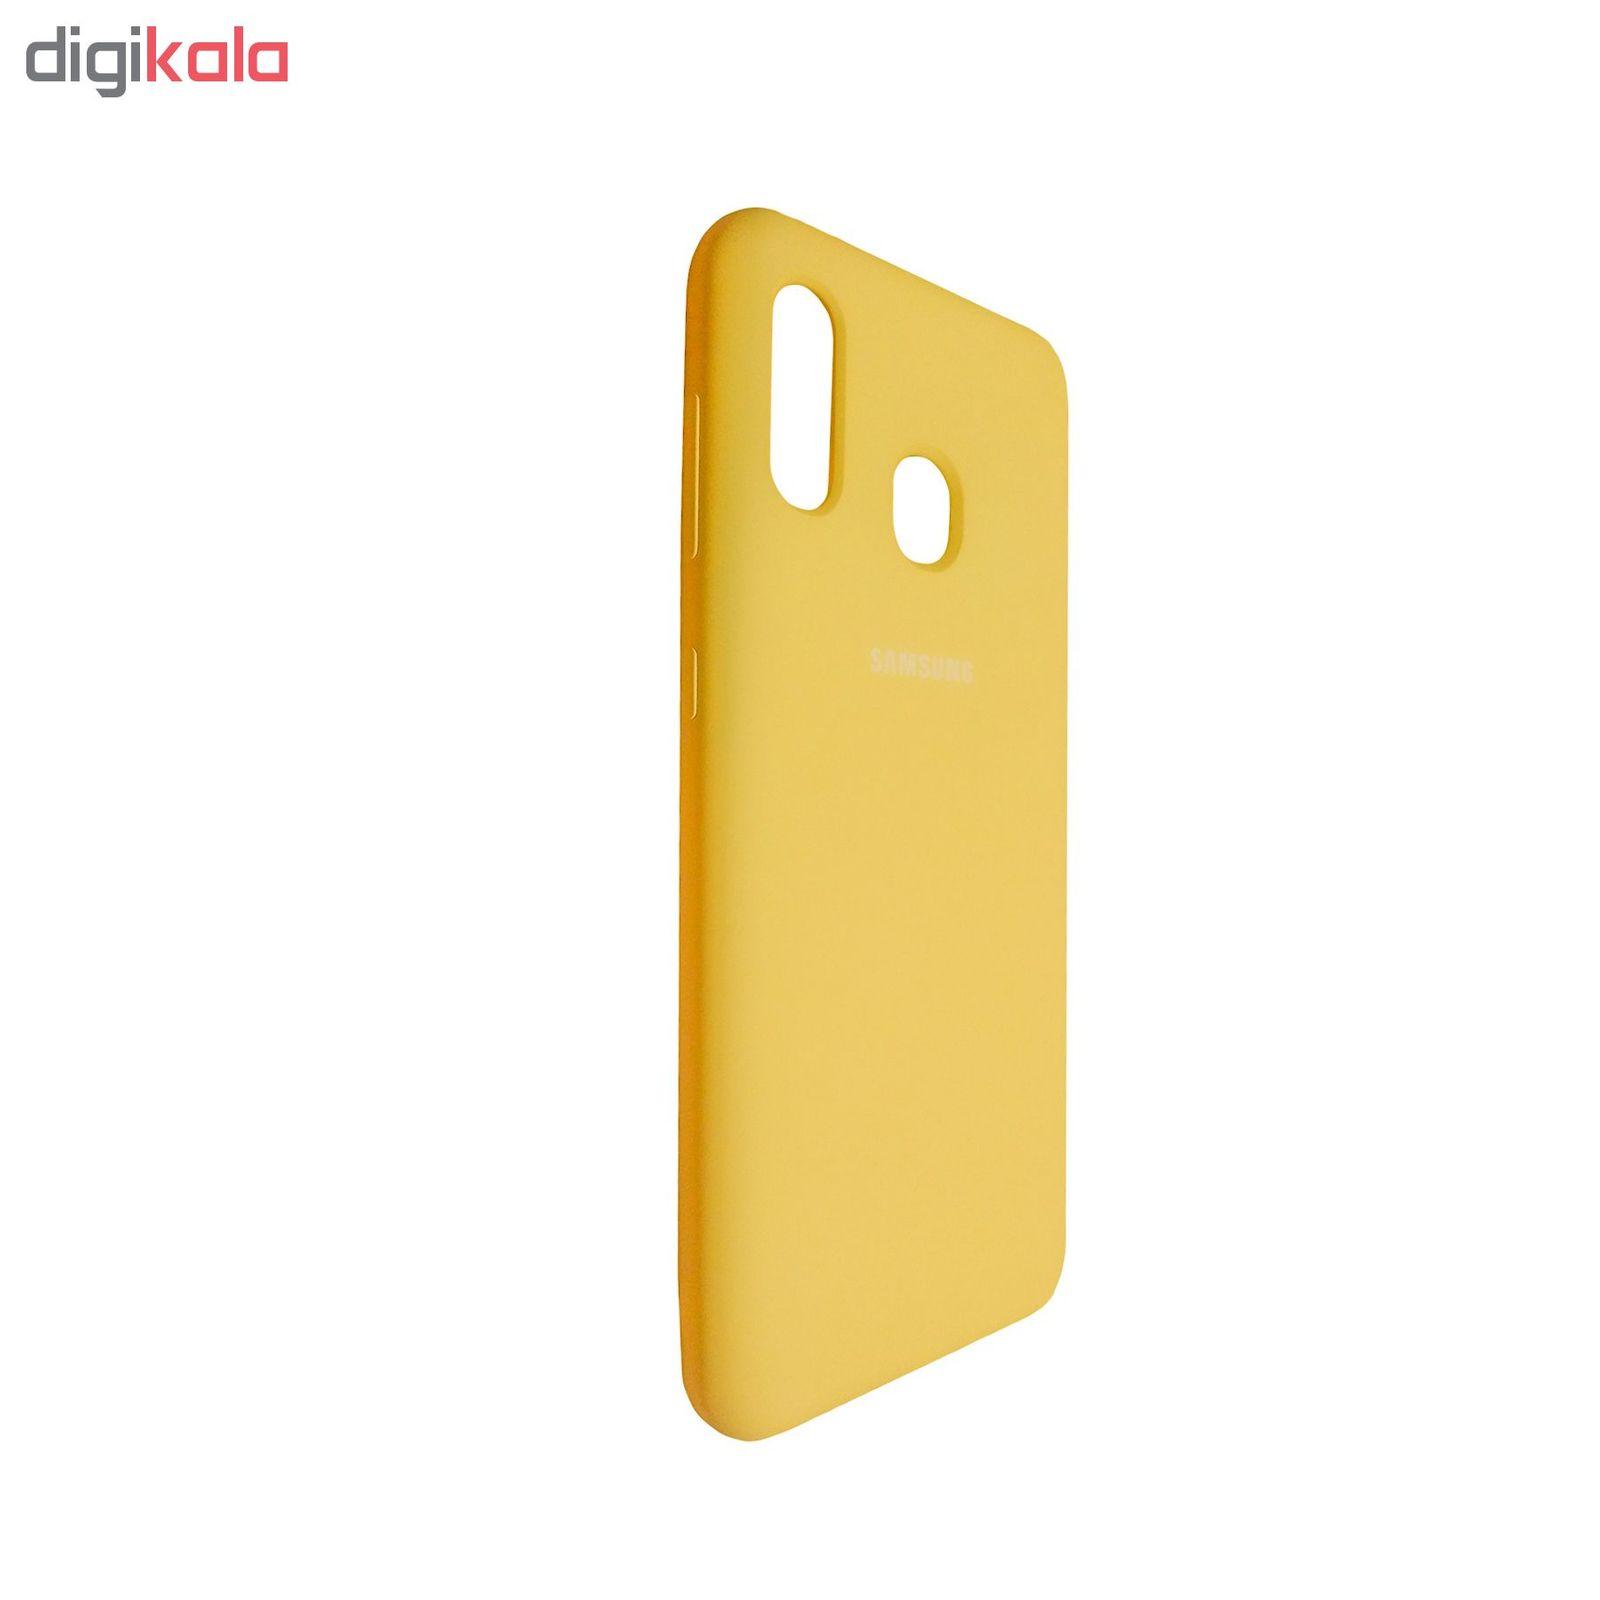 کاور مدل SCN مناسب برای گوشی موبایل سامسونگ Galaxy A20 / A30 main 1 4